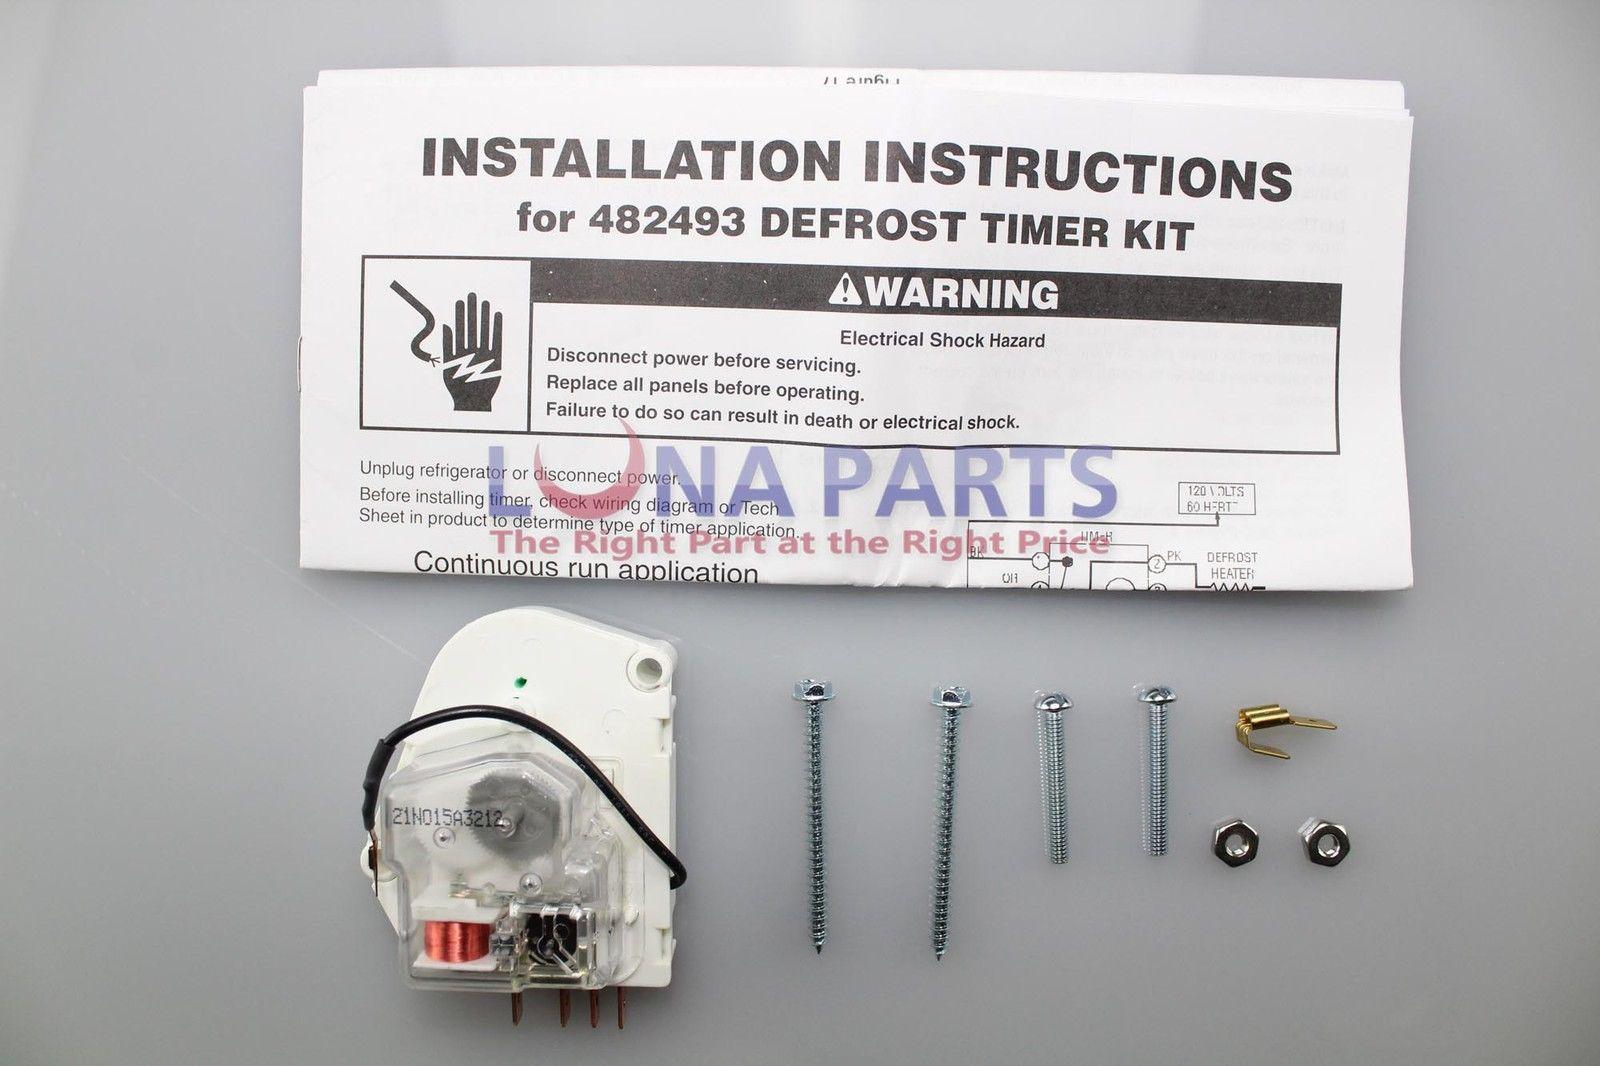 Genuine Oem Whirlpool W10822278 Sears Refrigerator Defrost Timer Kenmore Wiring Diagram 482493